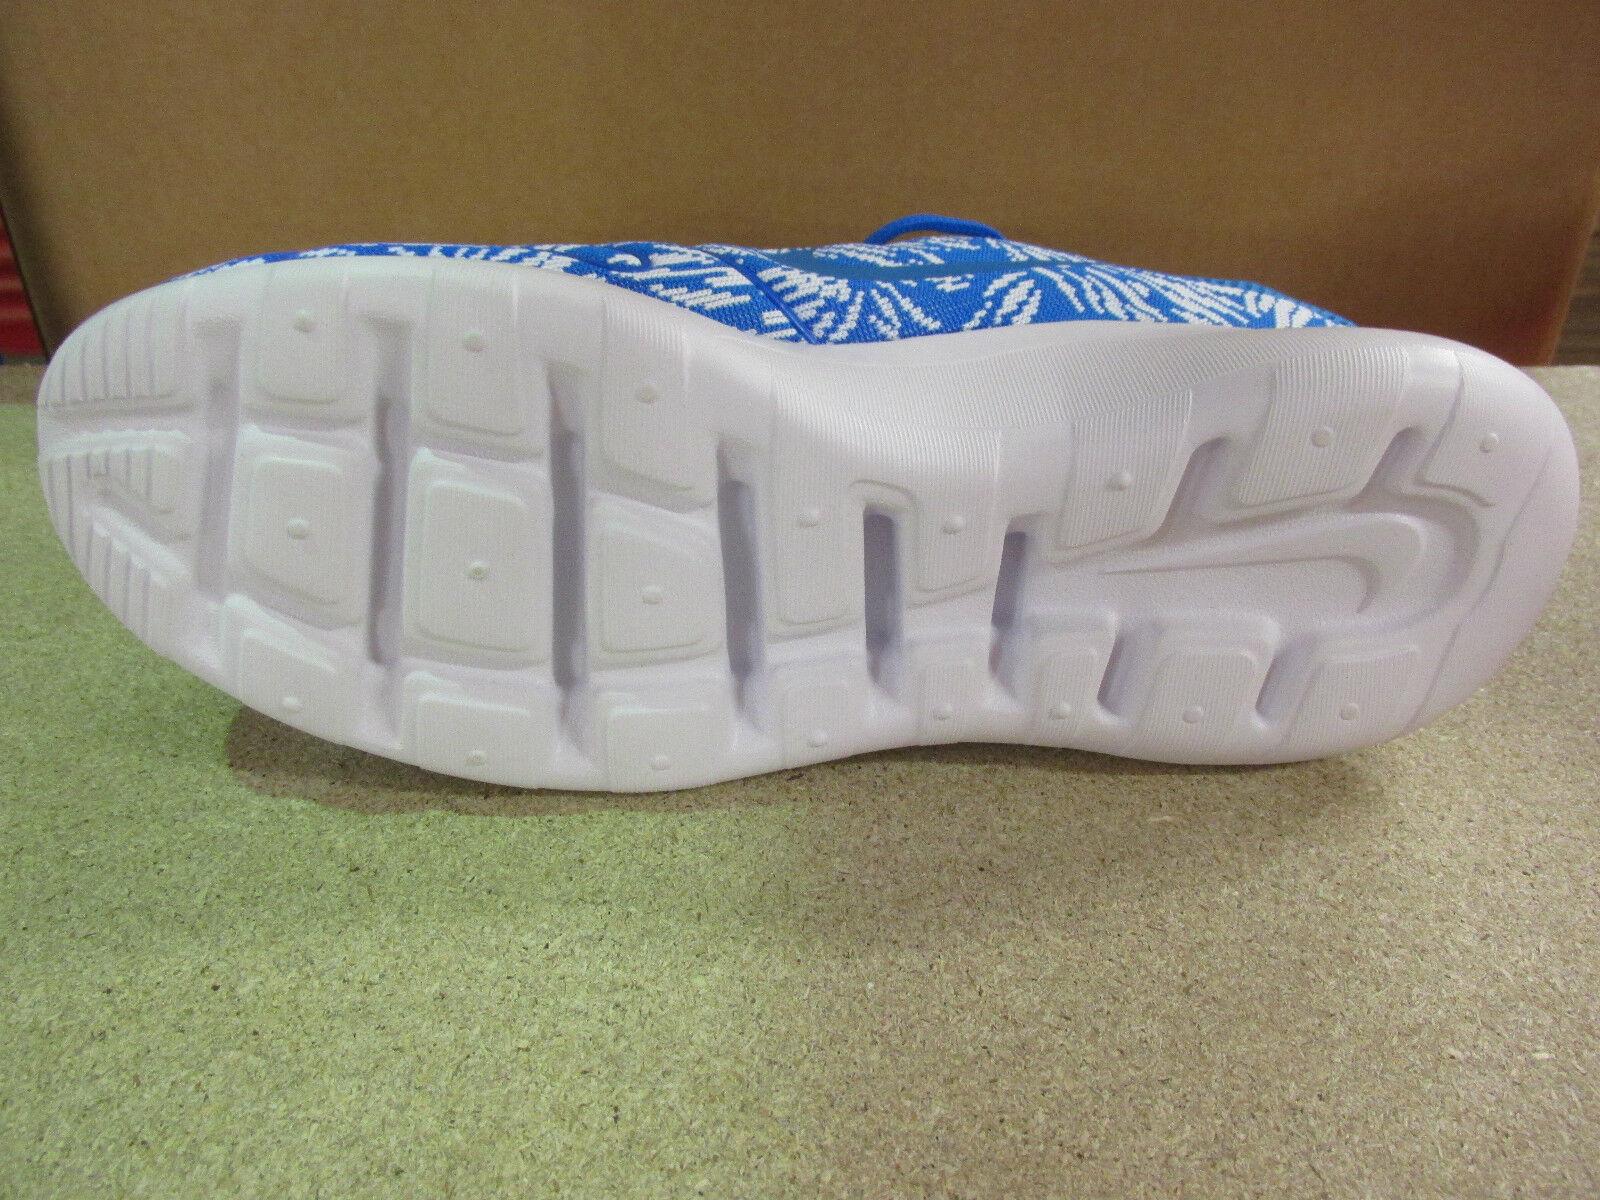 Nike Kaishi 2.0 de Kjcrd Chaussure de 2.0 Course pour Homme 833458 441 Baskets 3e8cf3